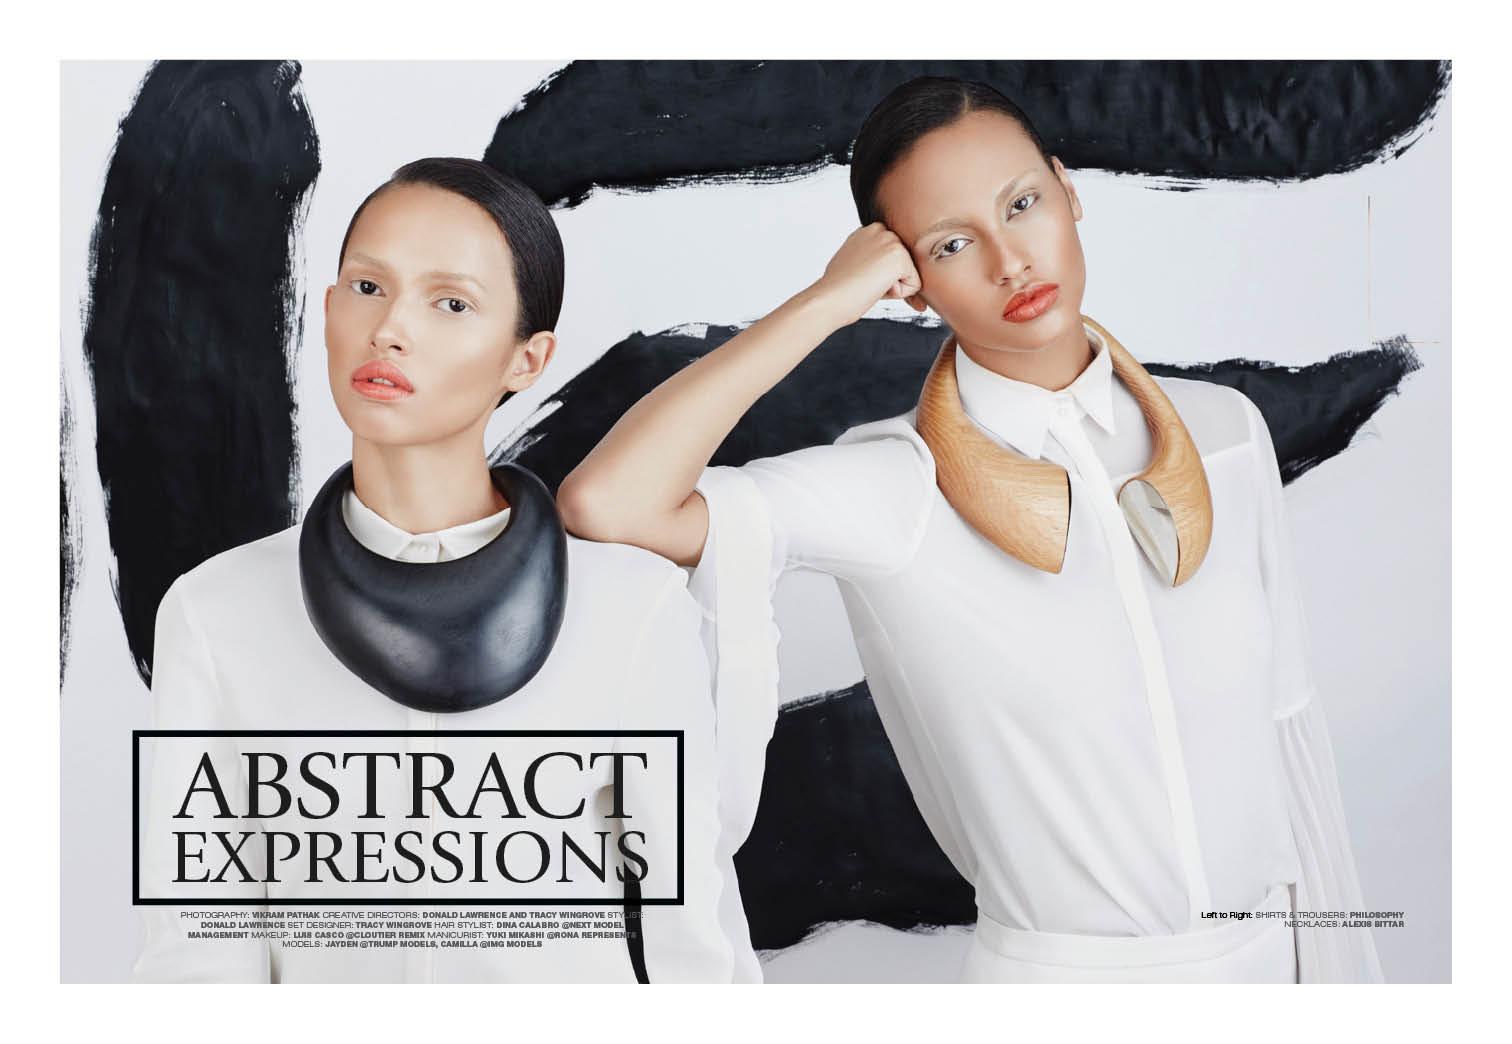 Abract-Expression-Amazing-Magazine1.jpg